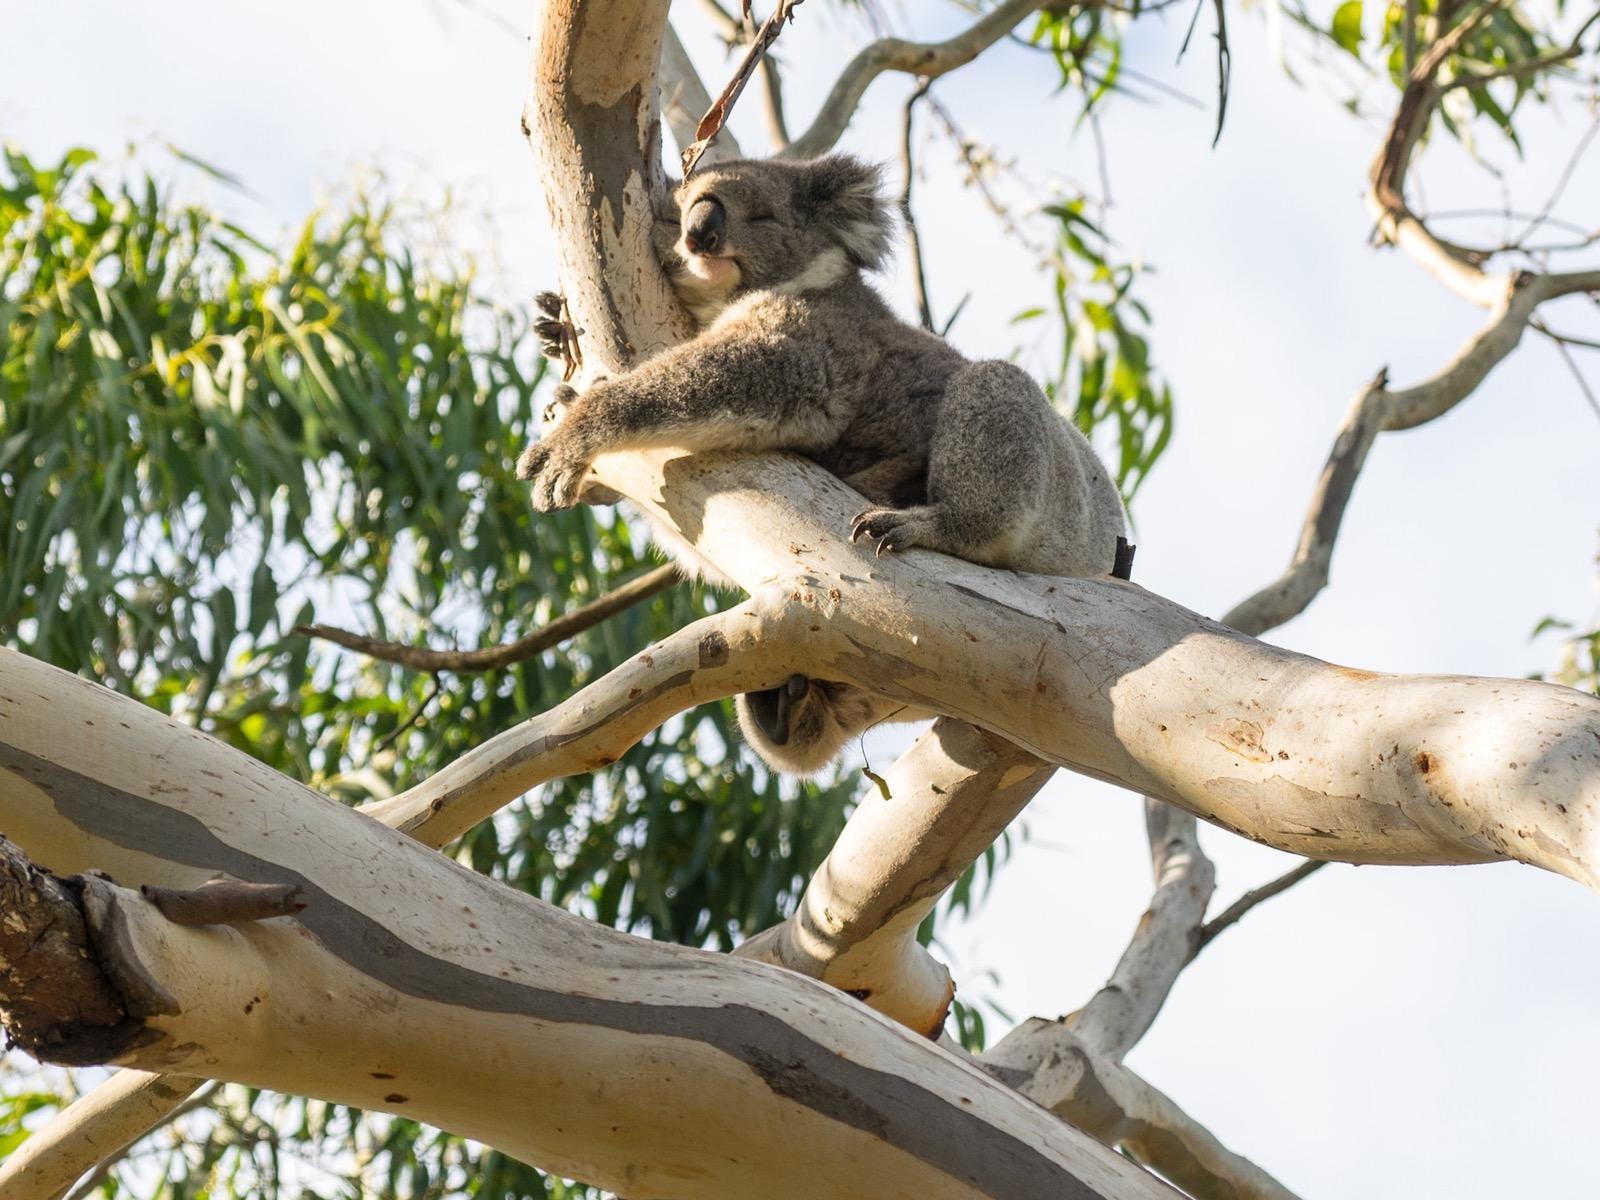 Nap time for this furry Koala